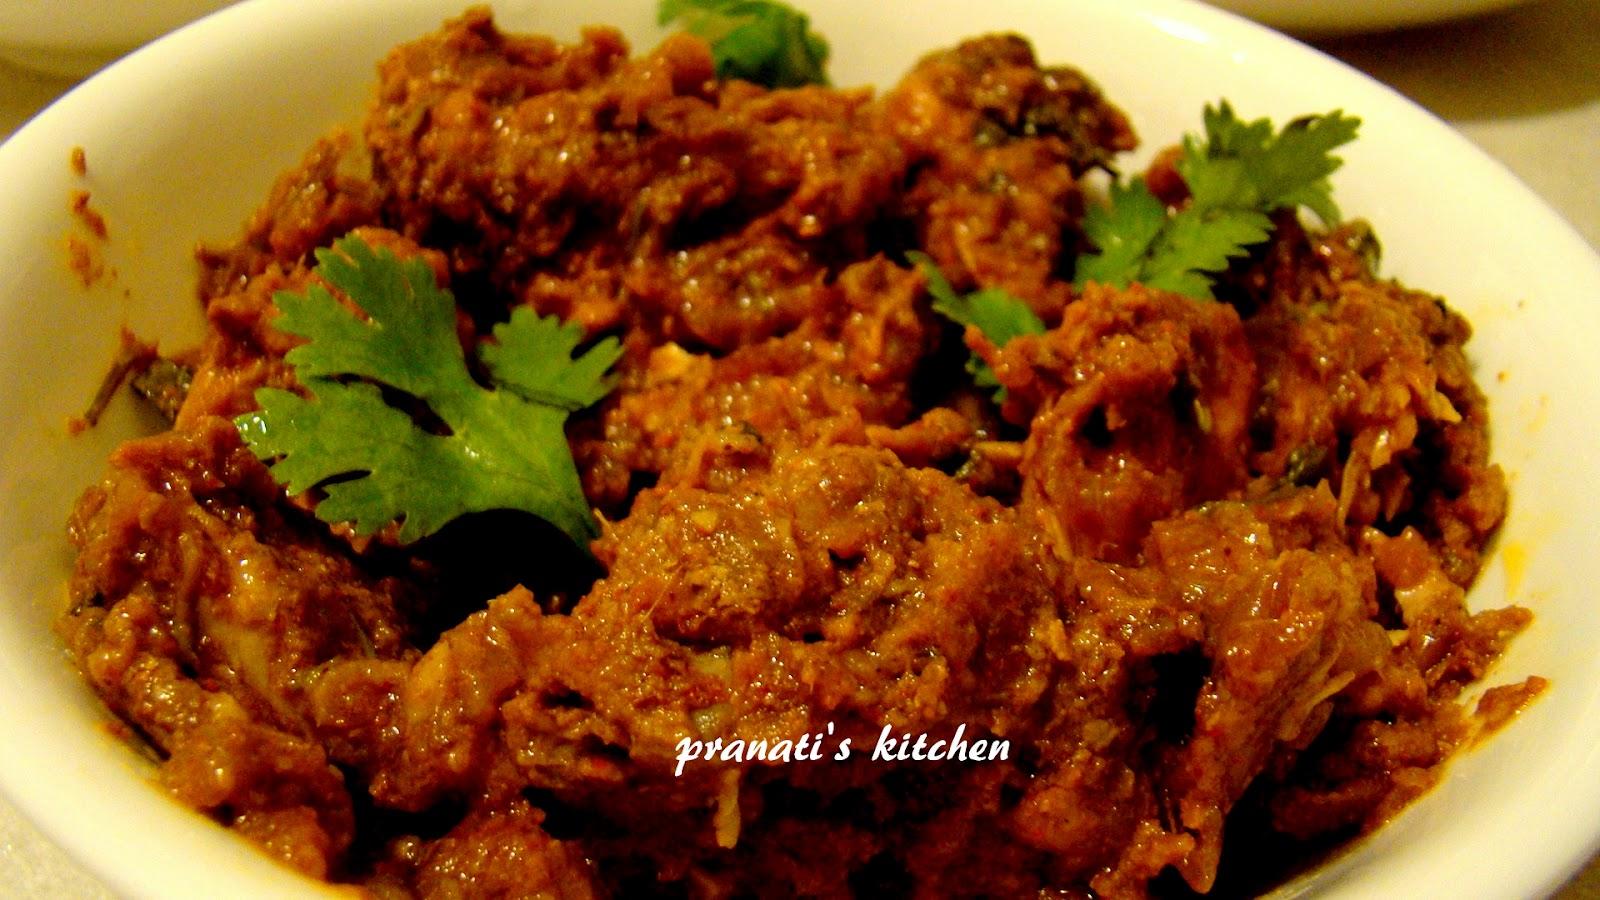 Delicious Recipes 4m Pranati's Kitchen: Spicy Chicken ...